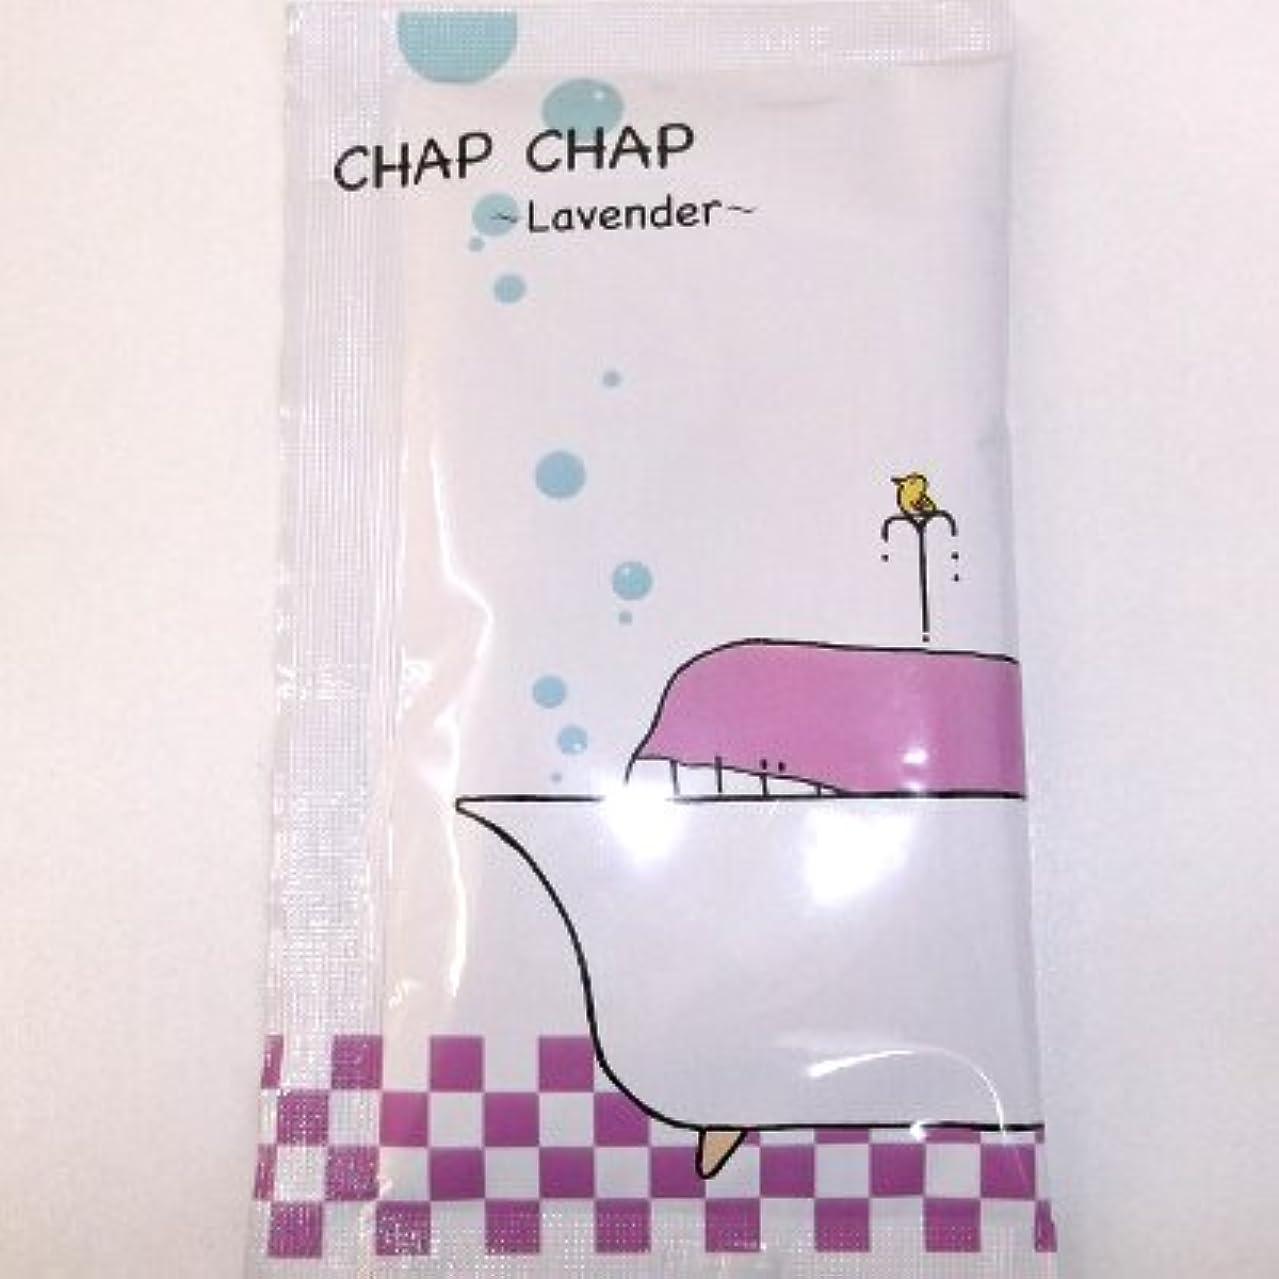 並外れた許容一時停止CHAP CHAP ラベンダーオイルの香り